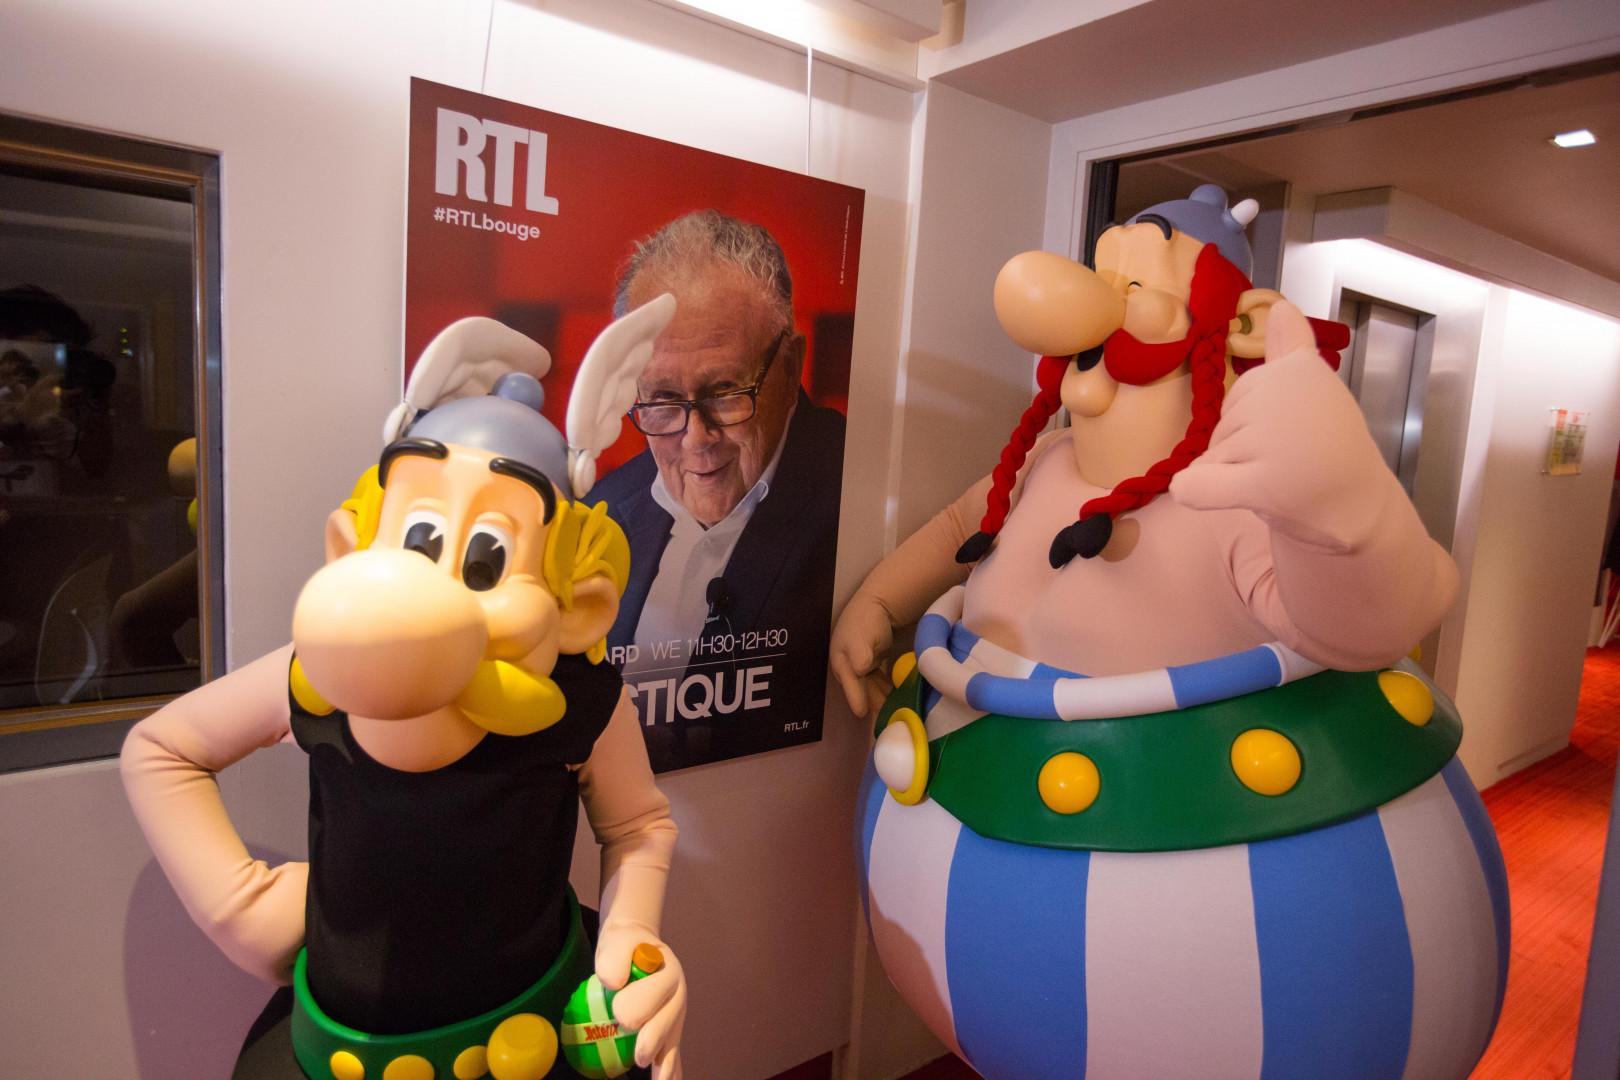 Astérix et Obélix dans les locaux de RTL, sous le regard de Philippe Bouvard